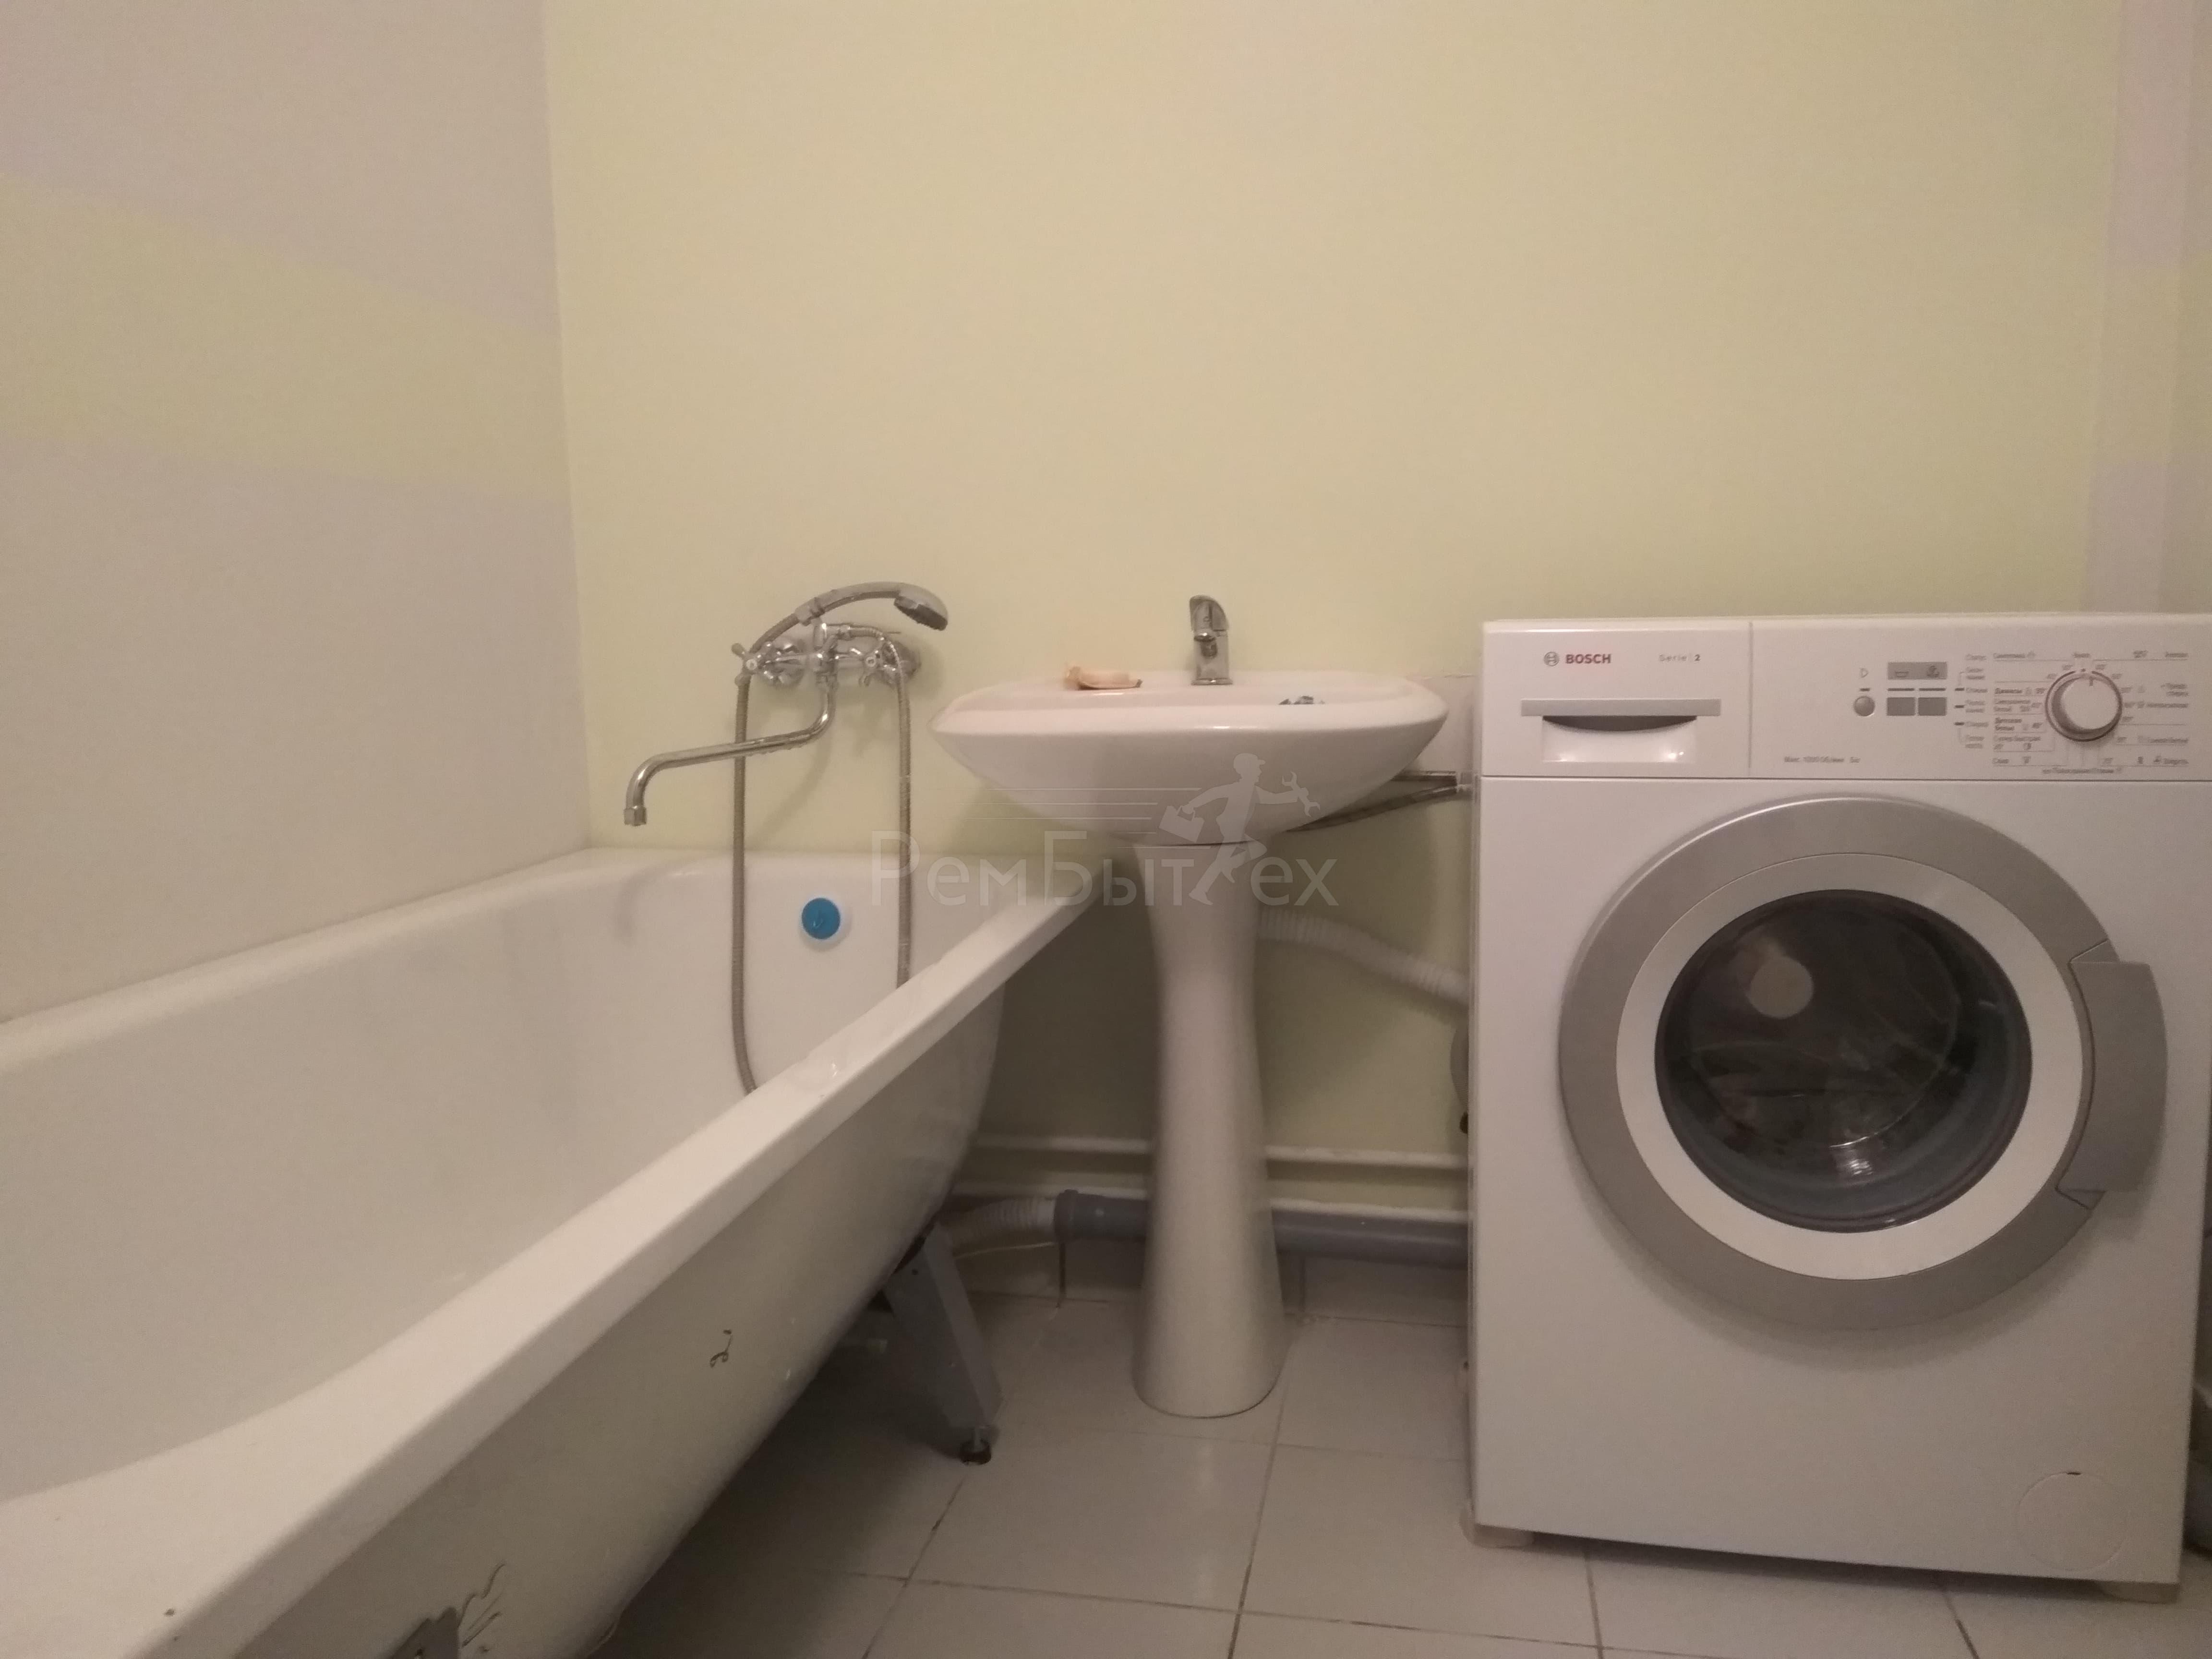 Работник пришел чинить стиральную машину и трахнул хозяйку — img 4